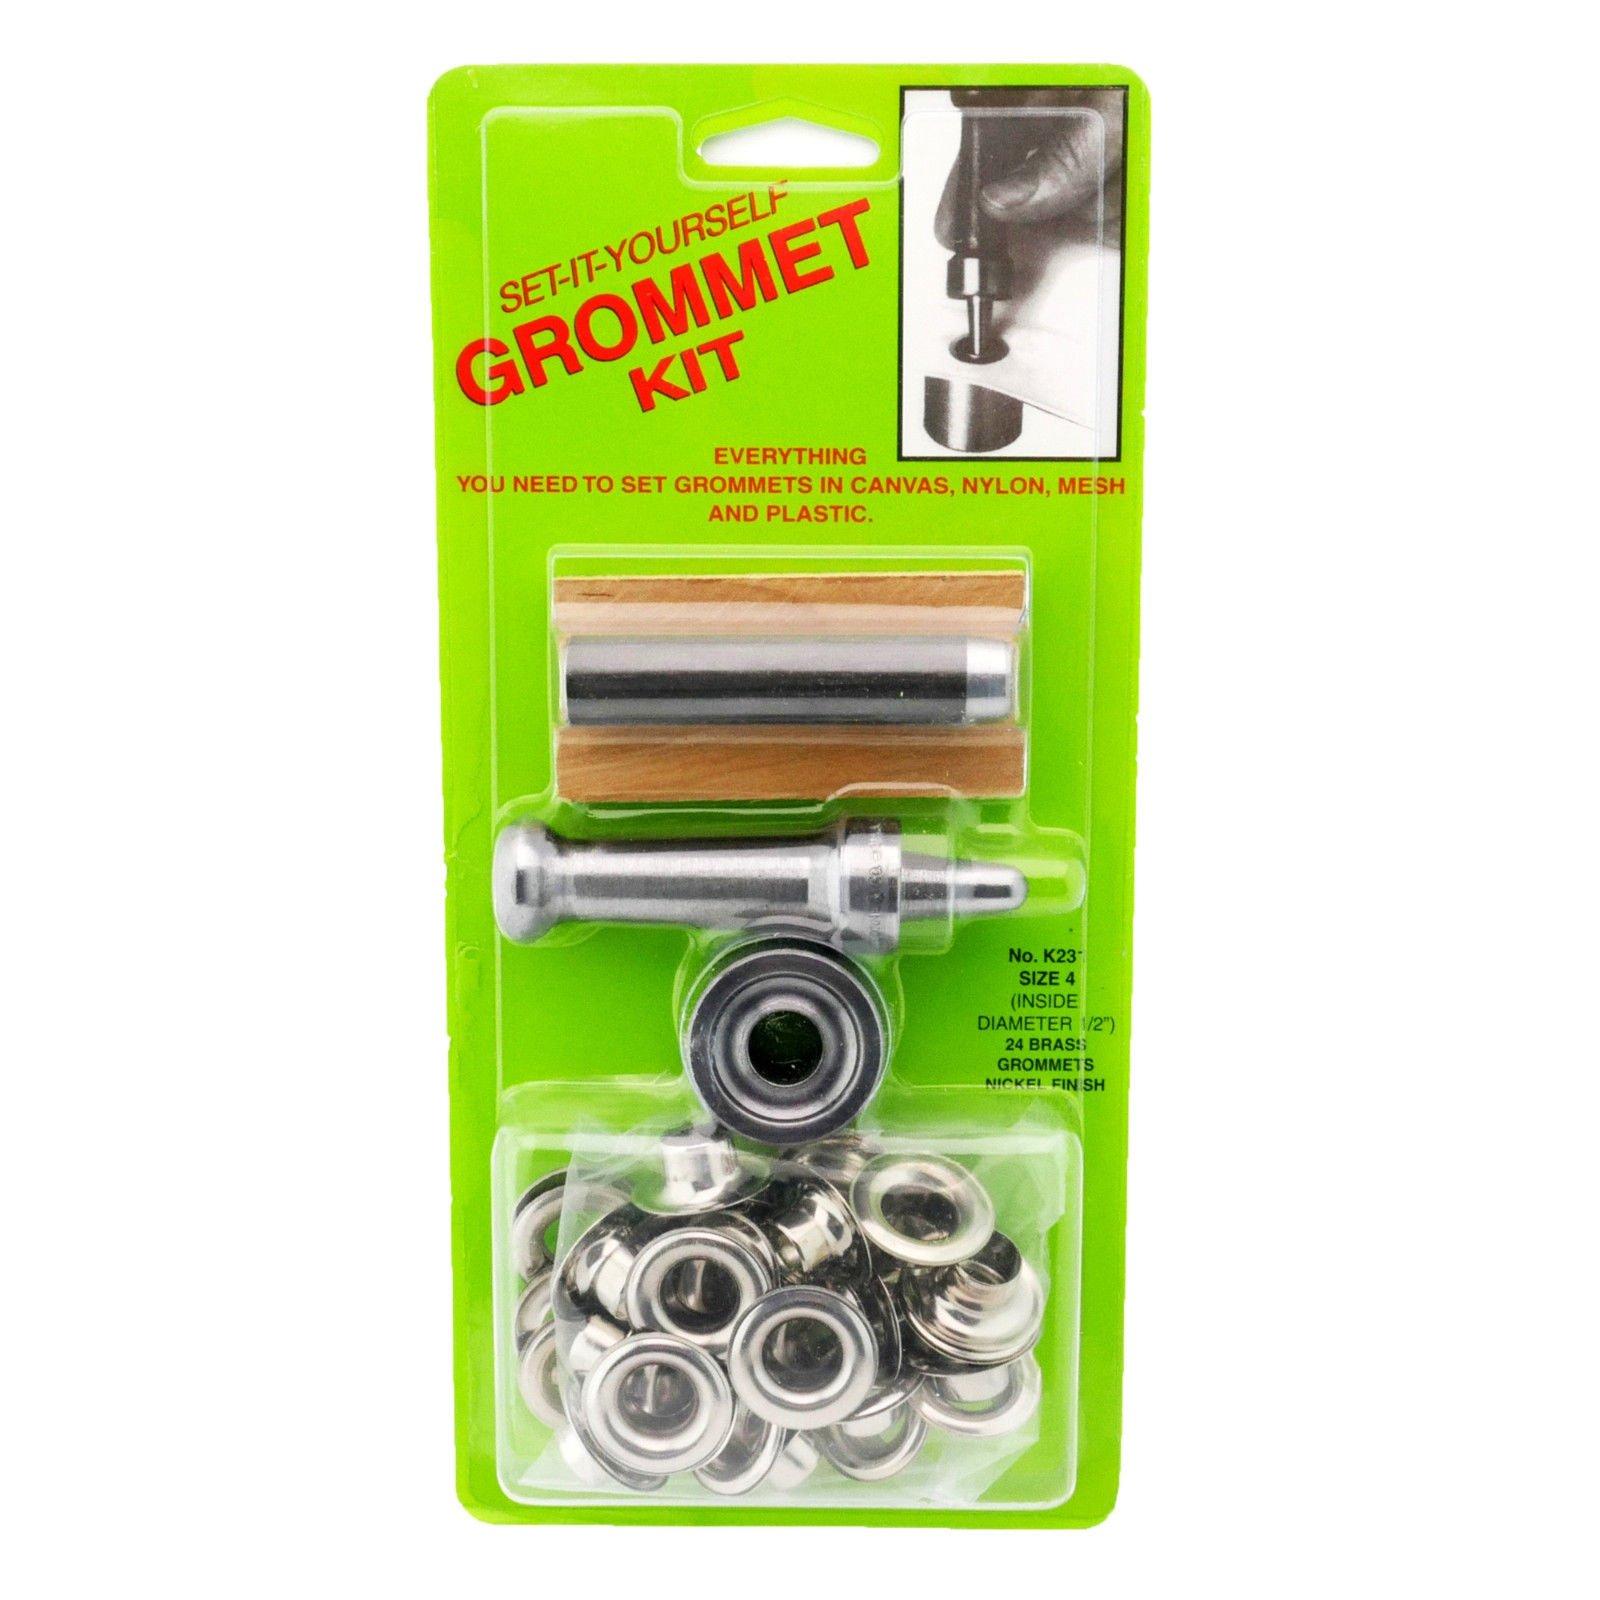 C.S. Osborne Set-It-Yourself Grommet Kit K231-4, 1/2'' Hole, W/Nickel Grommets by C.S. Osborne